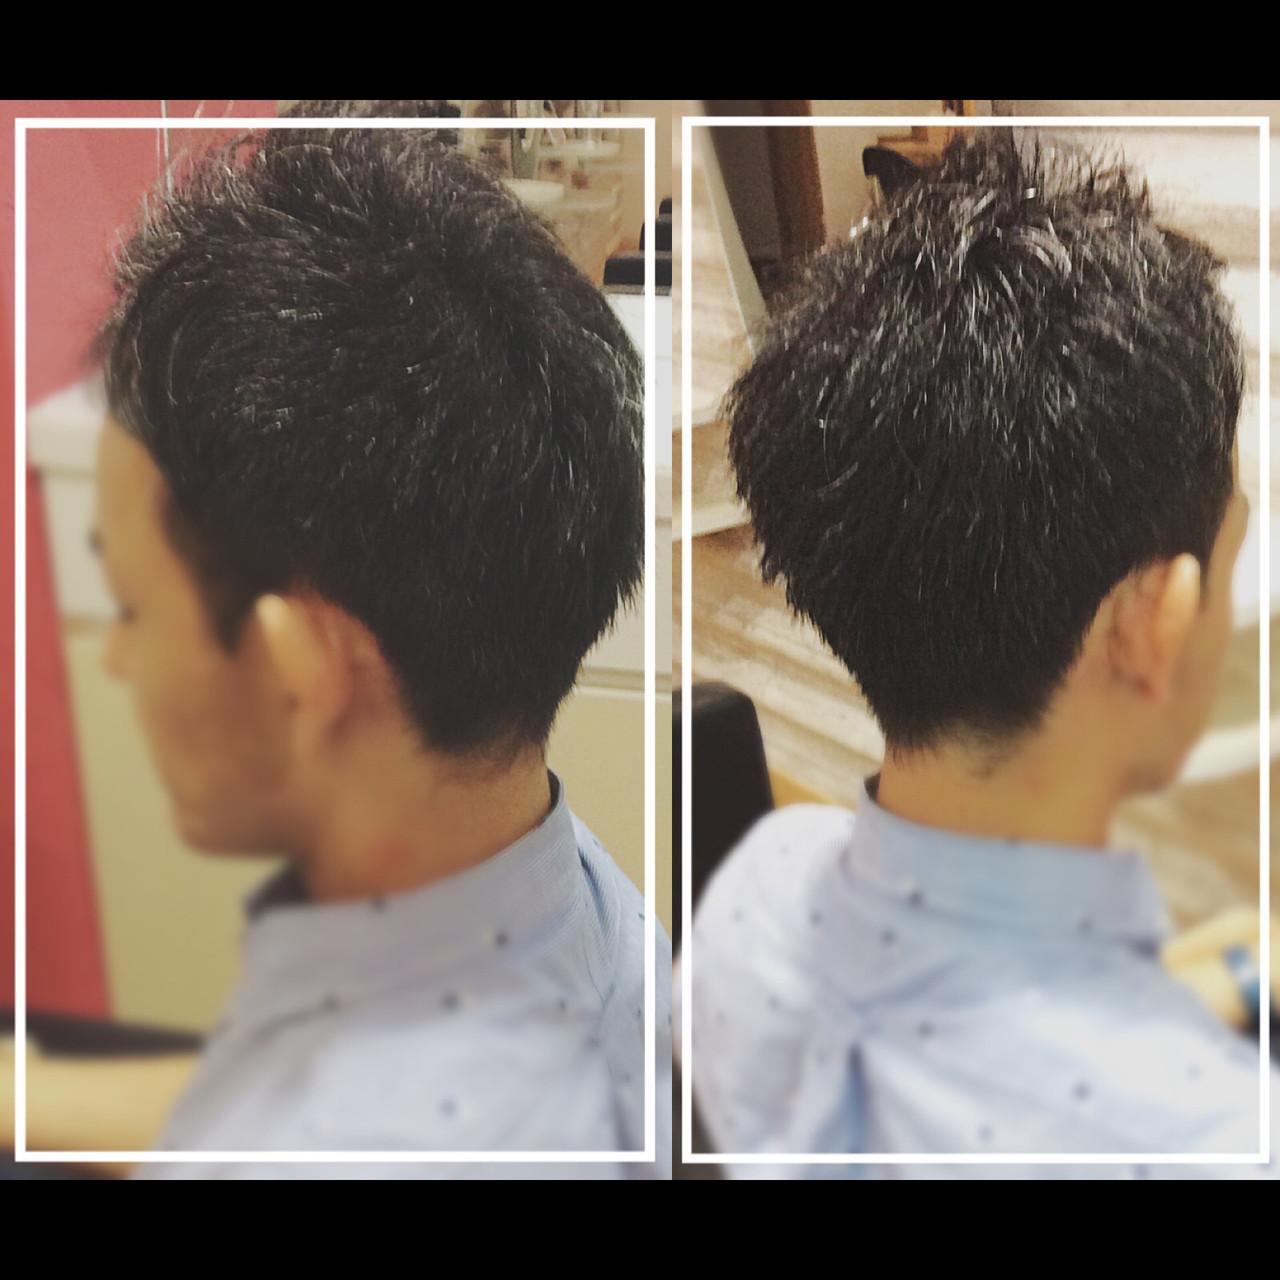 黒髪 ショート メンズヘア 大人ヘアスタイル ヘアスタイルや髪型の写真・画像